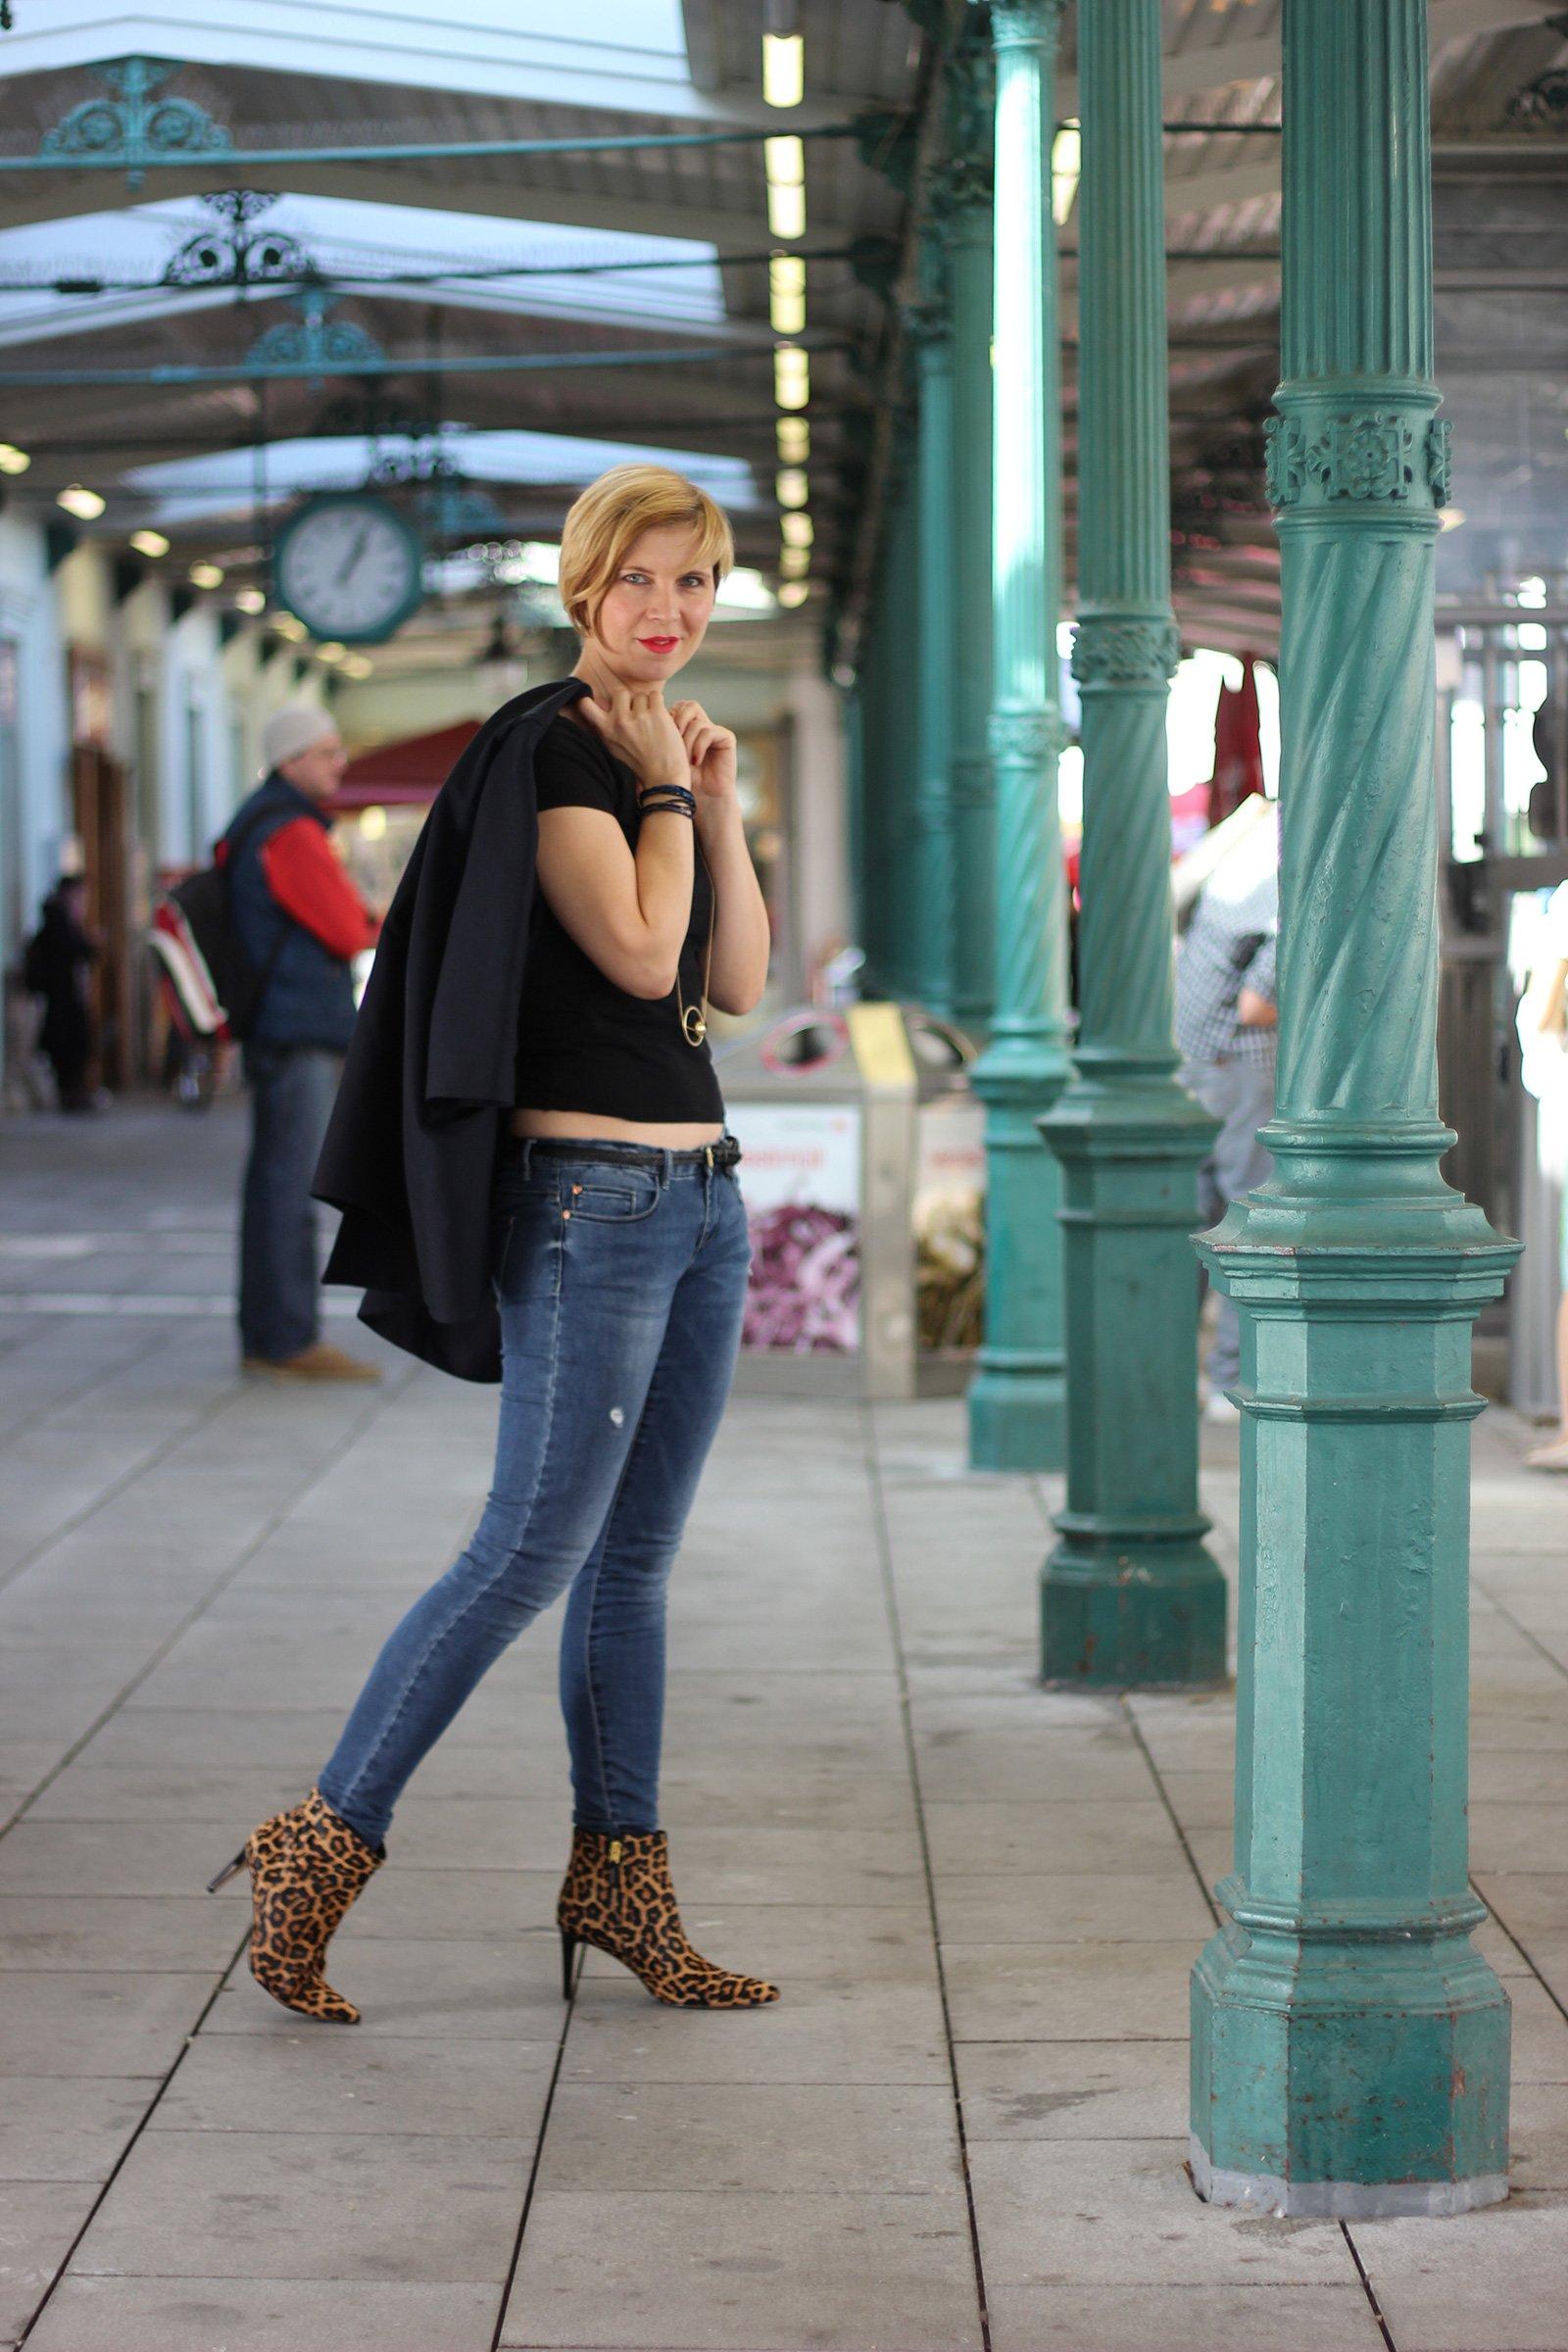 IMG_3733a_Modeflüsterin_magischesModedreieick_Leo_boots_SamEdelman_Shirt_Blazer_Jeans_Skinny_Only